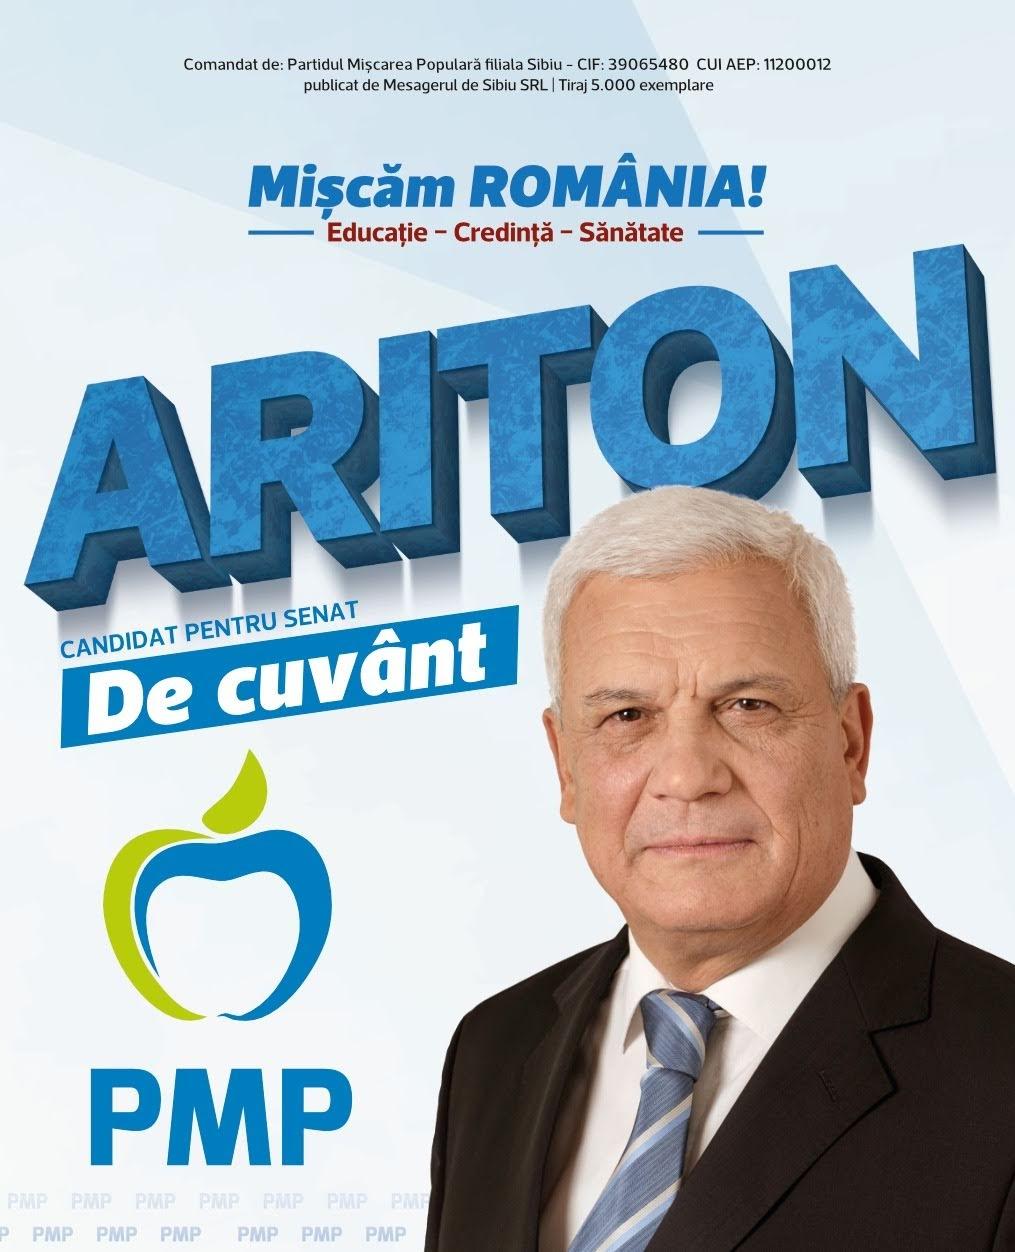 """Ion Ariton: """"România are nevoie de schimbări majore, iar românii merită mai mult!"""" (P.E.)"""